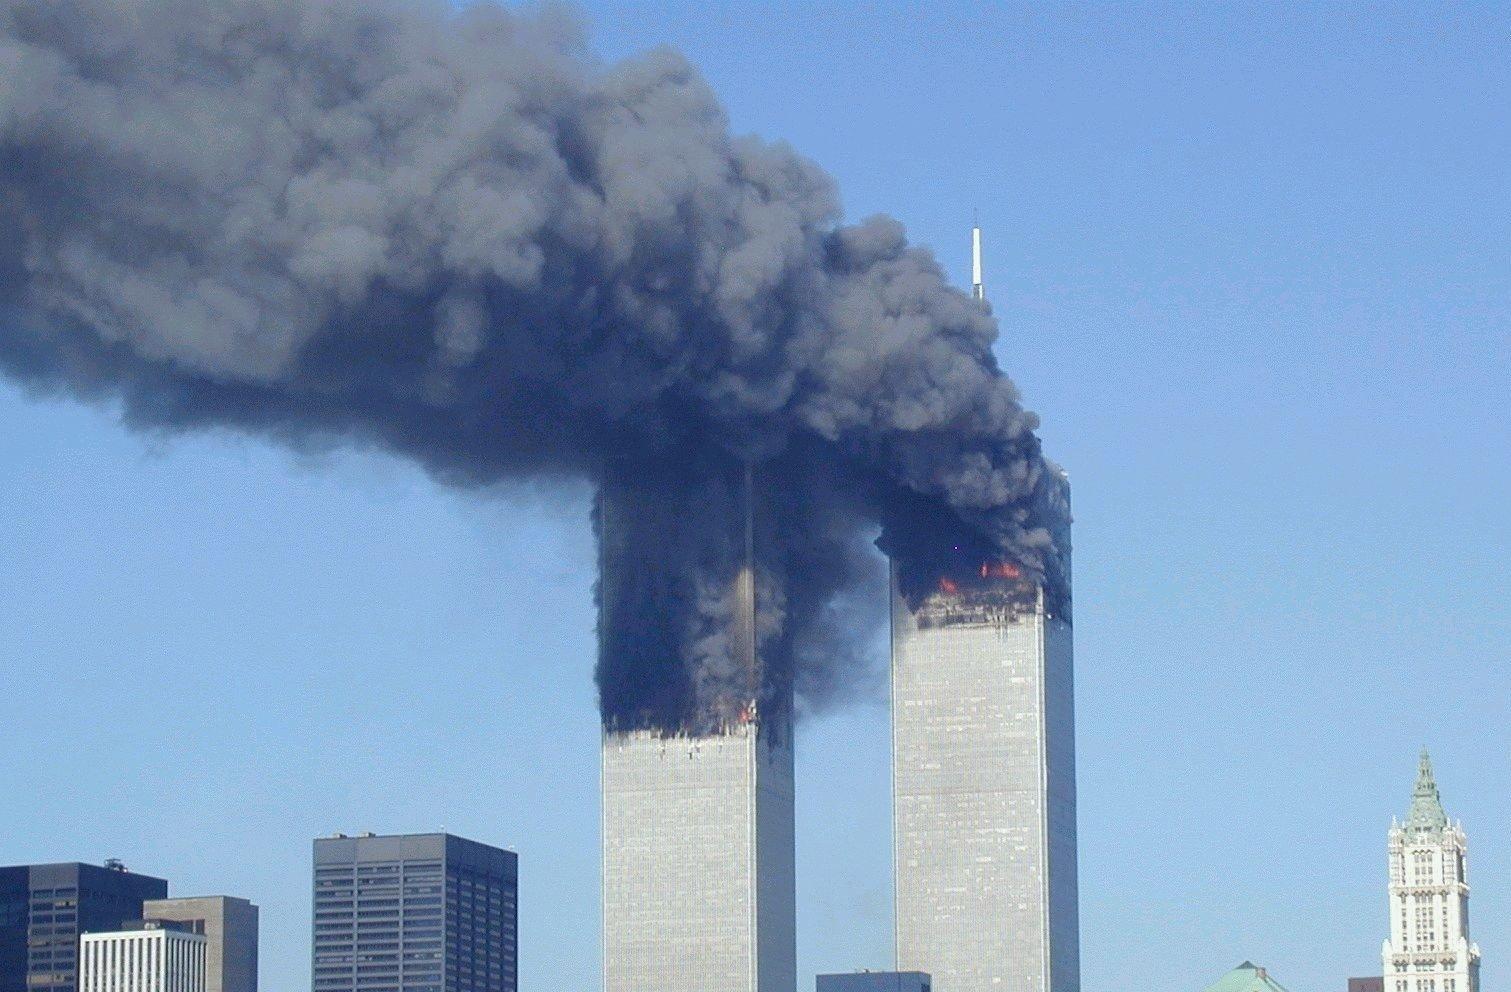 Башни близнецы картинки трагедии